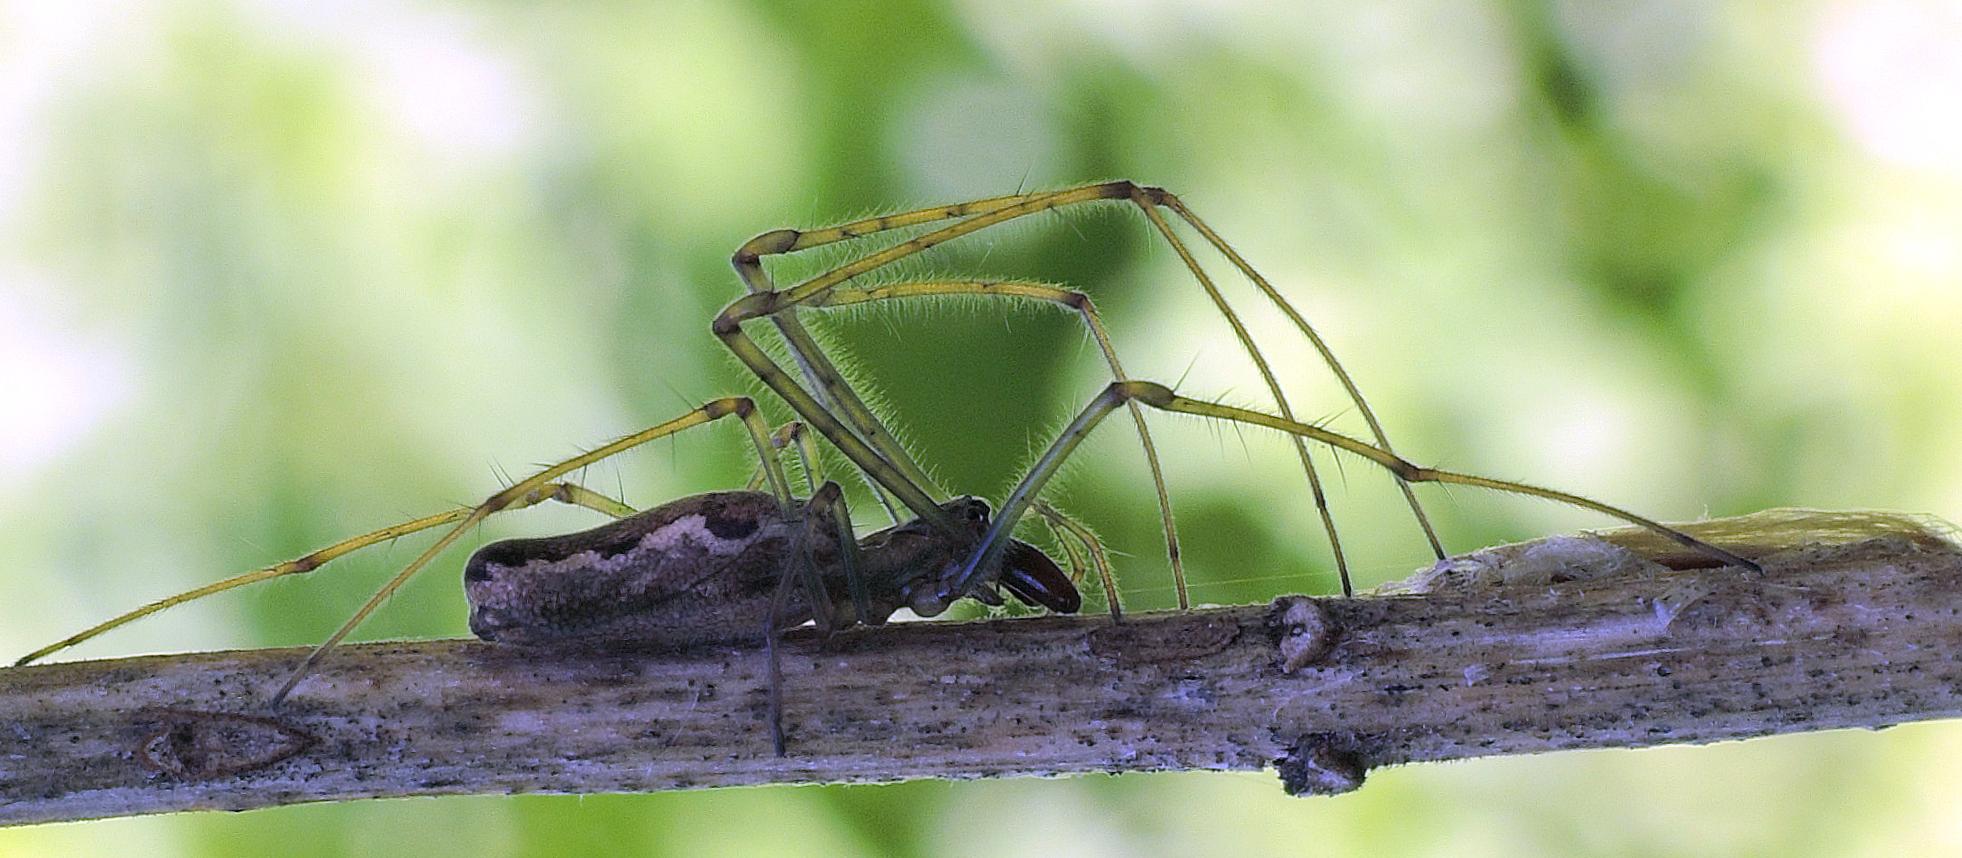 spider2 long-jawed orb weaver.jpg